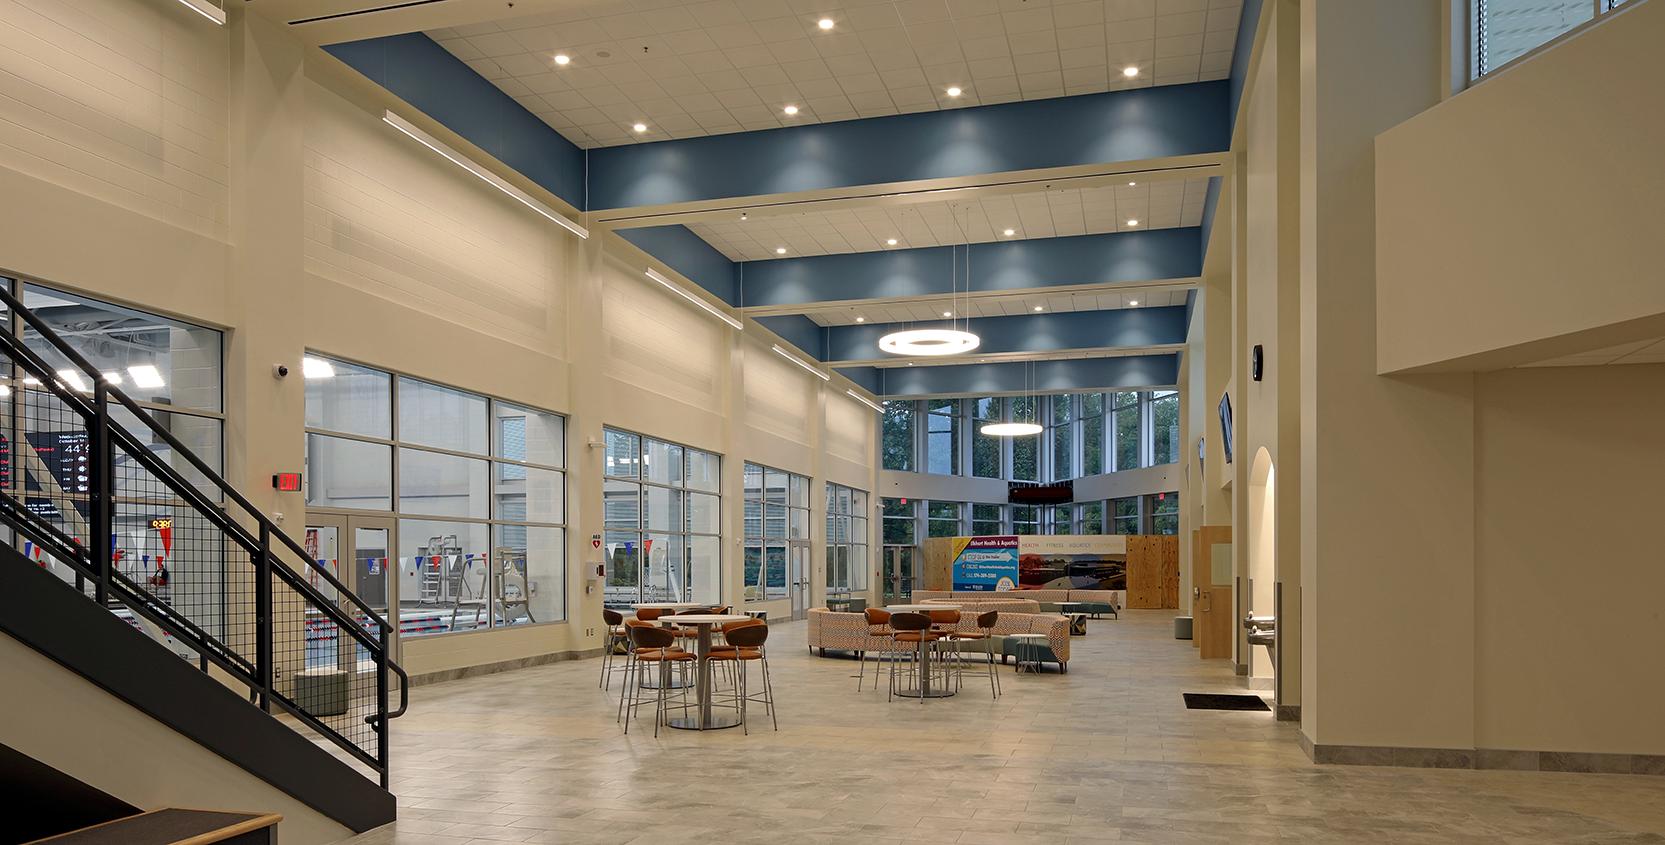 Elkhart_Community_Center-12-1665x845